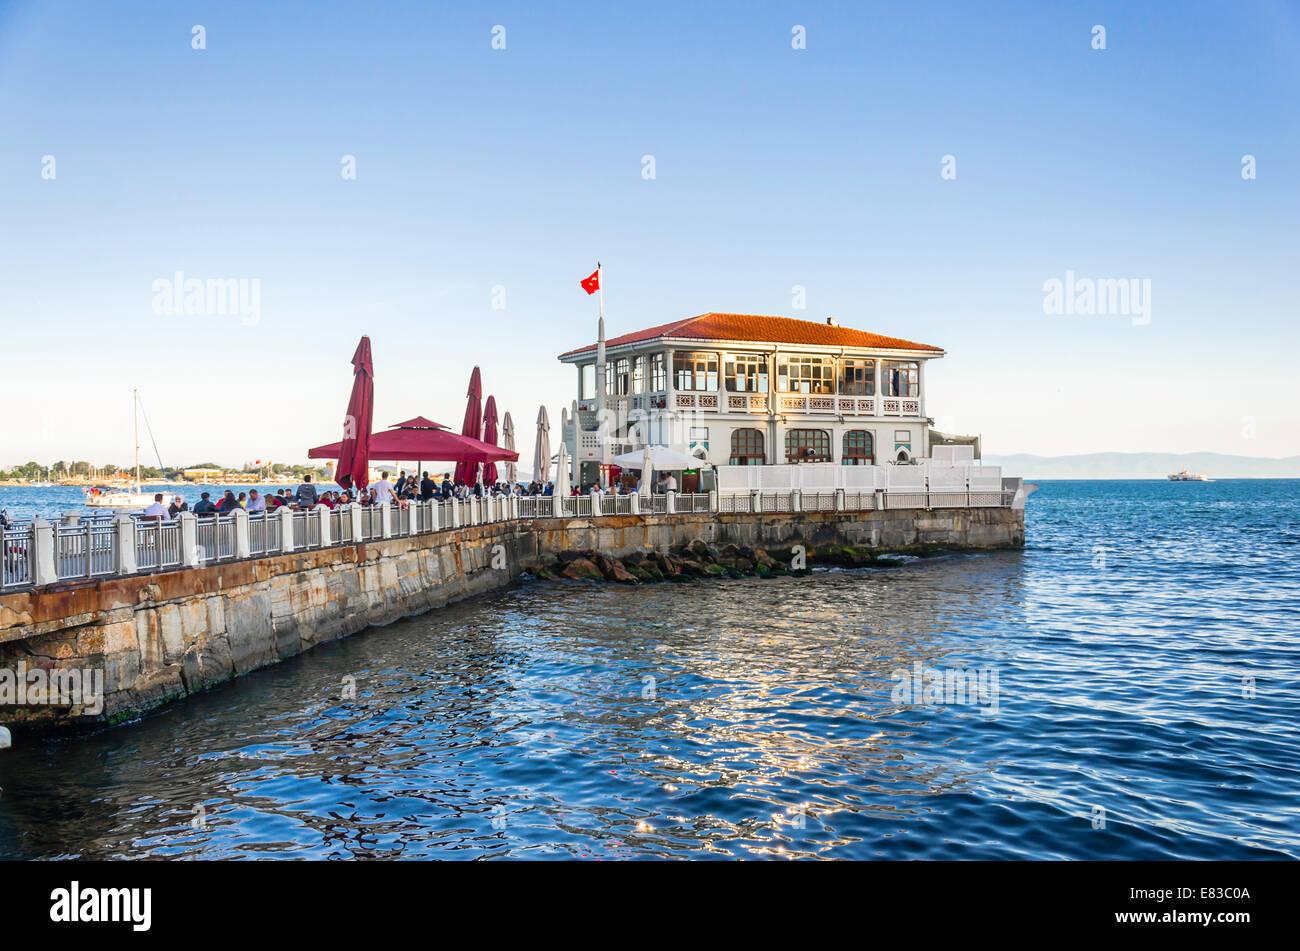 Moda storico porto di moda, Istanbul, Turchia. Immagini Stock